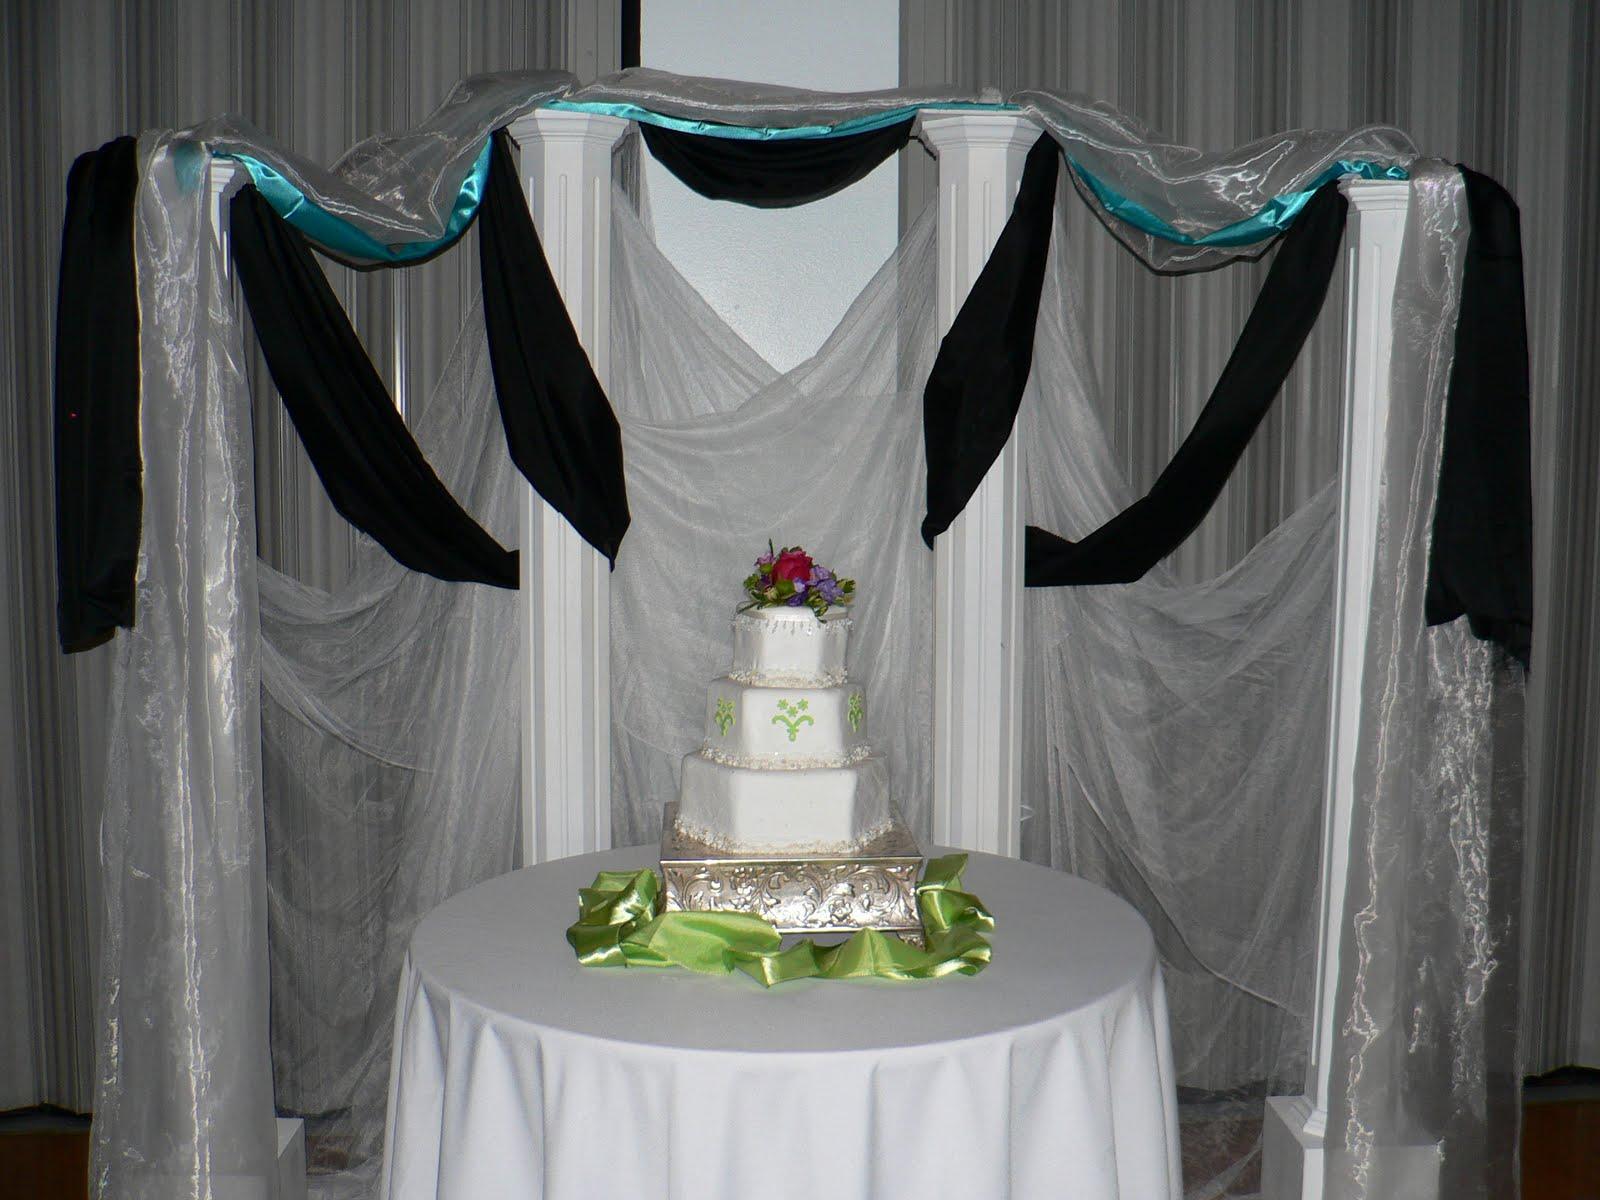 pin cake table backdrop draping wedding cake on